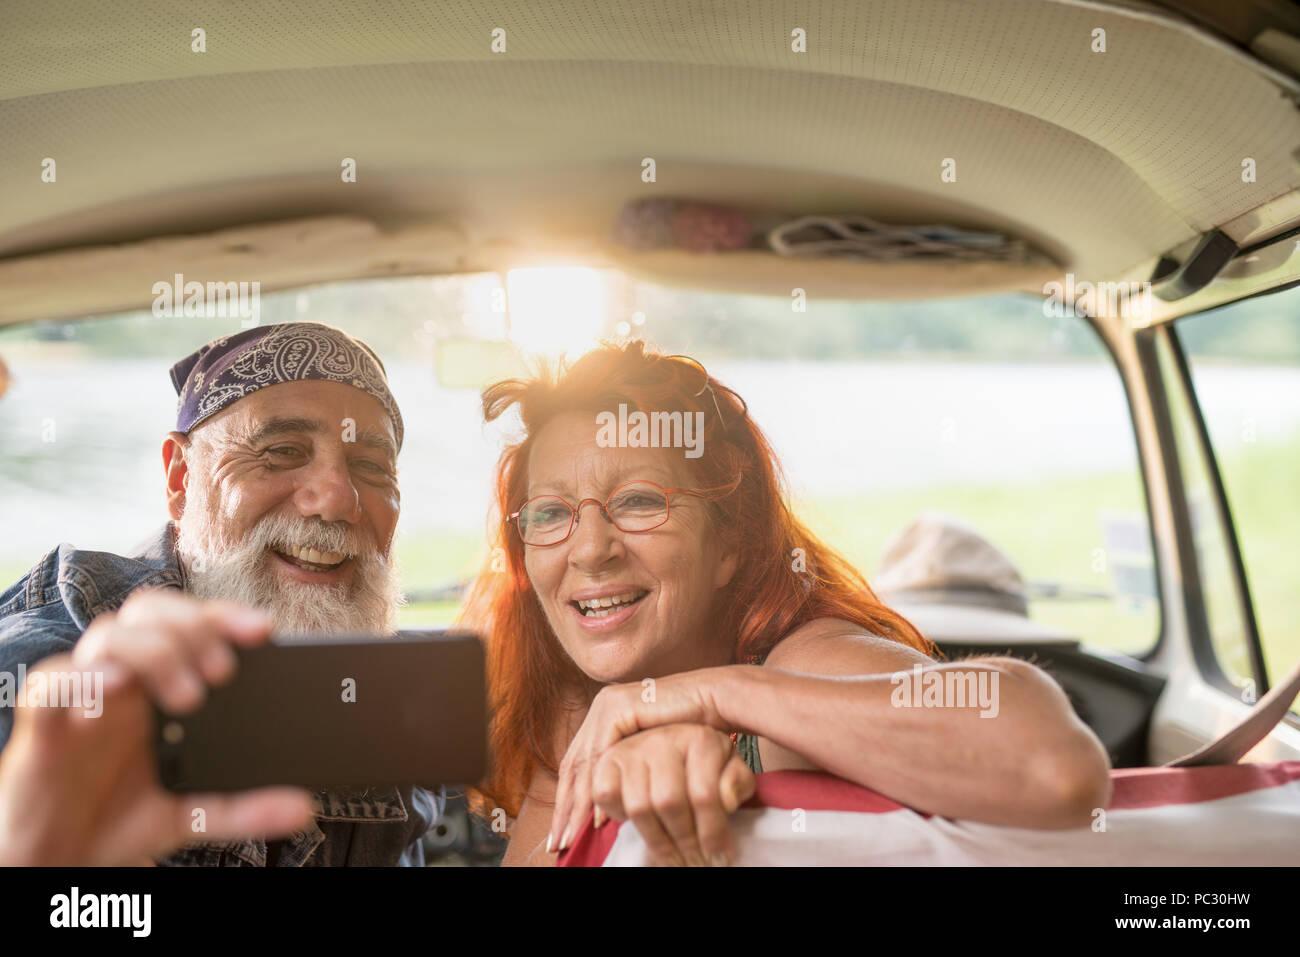 Alte hipster Paar sitzen in einem Auto eine selfie mit einem Telefon Stockbild